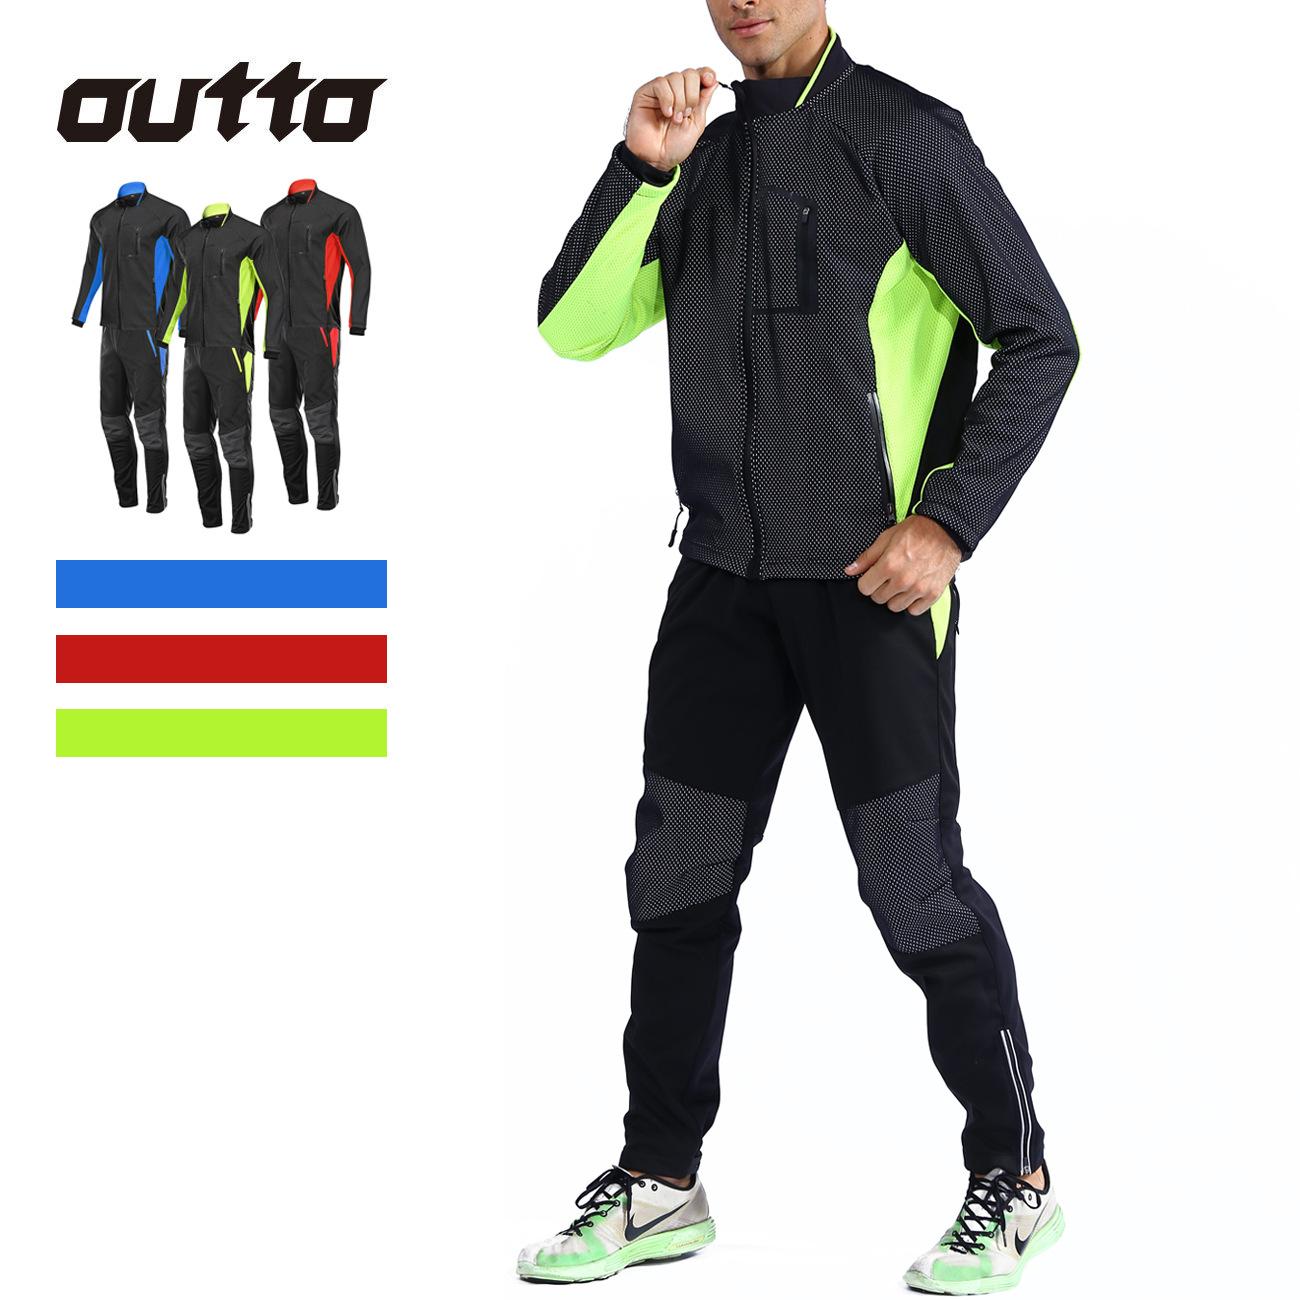 OUTTO Trang phục xe đạp Bộ đồ đi xe đạp xuyên quốc gia mùa thu và mùa đông phù hợp với xe đạp lông c